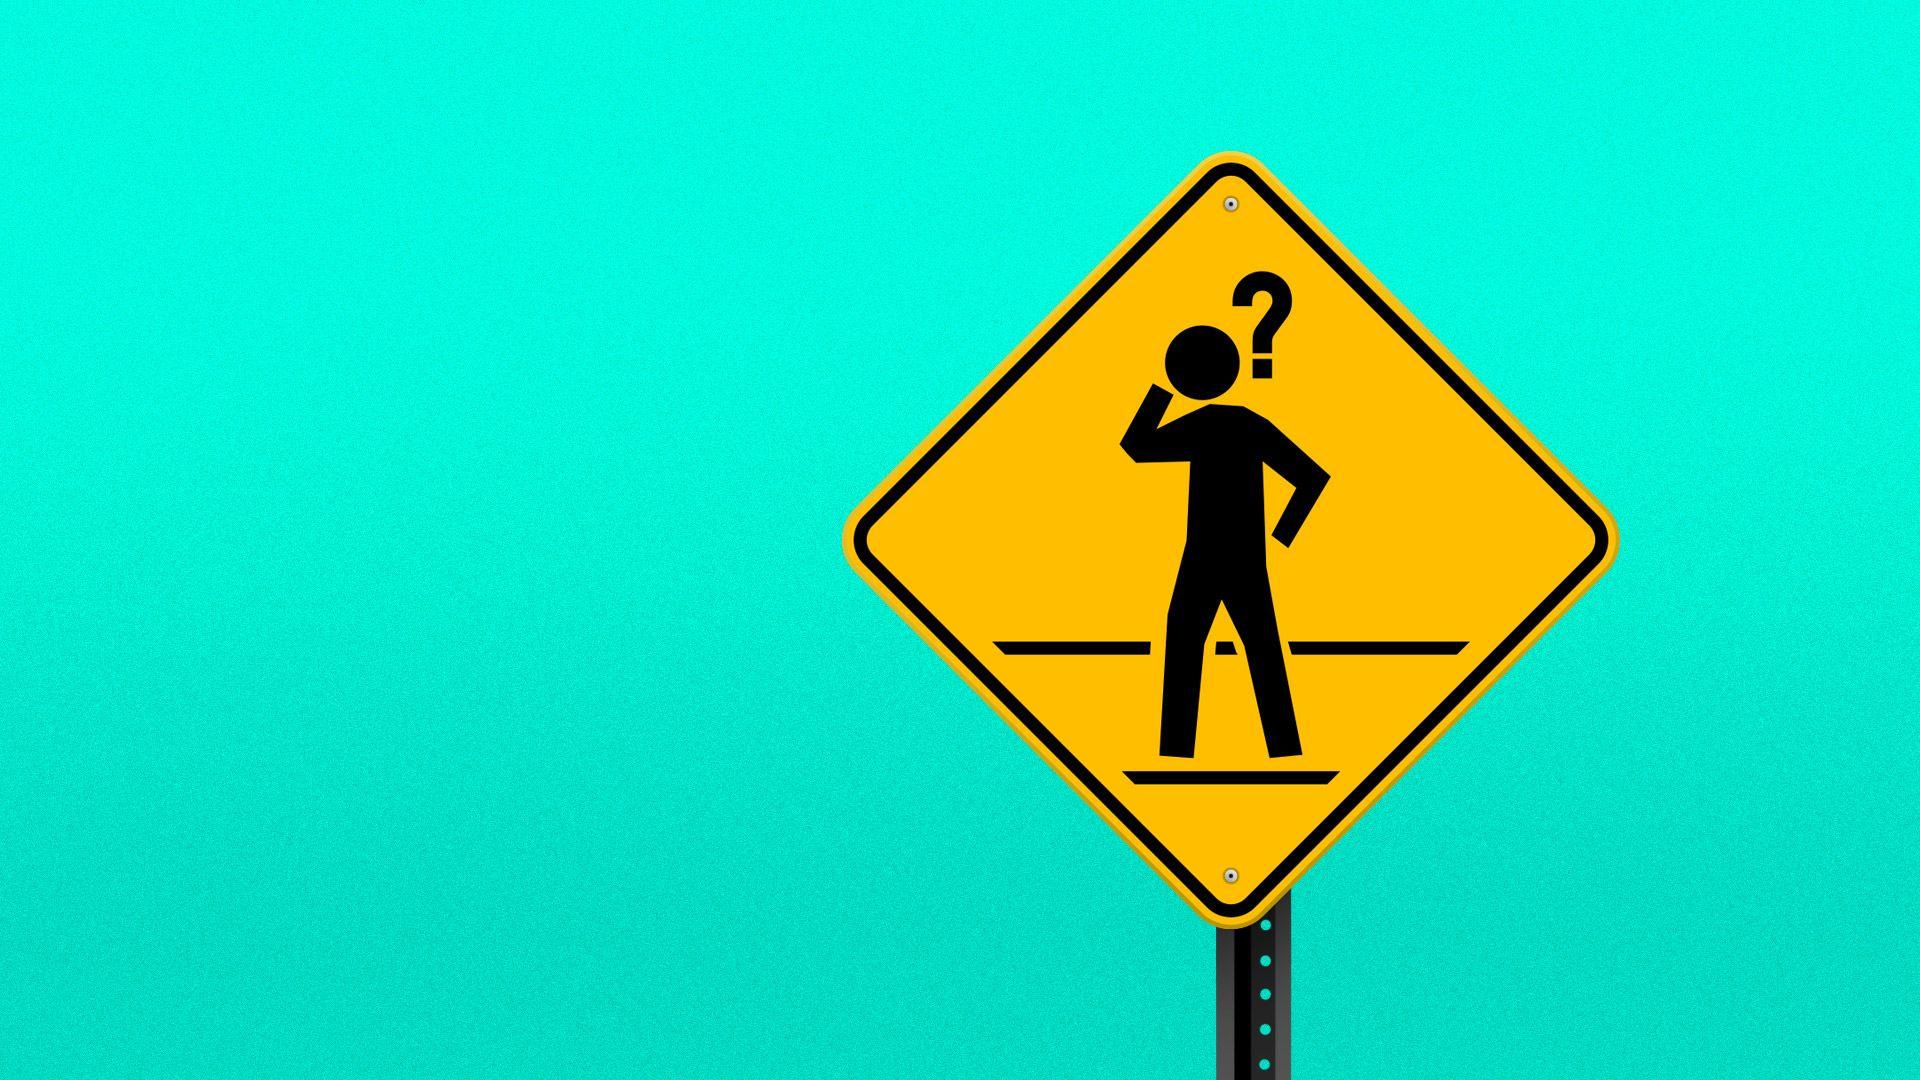 A pedestrian street sign featuring a puzzled pedestrian